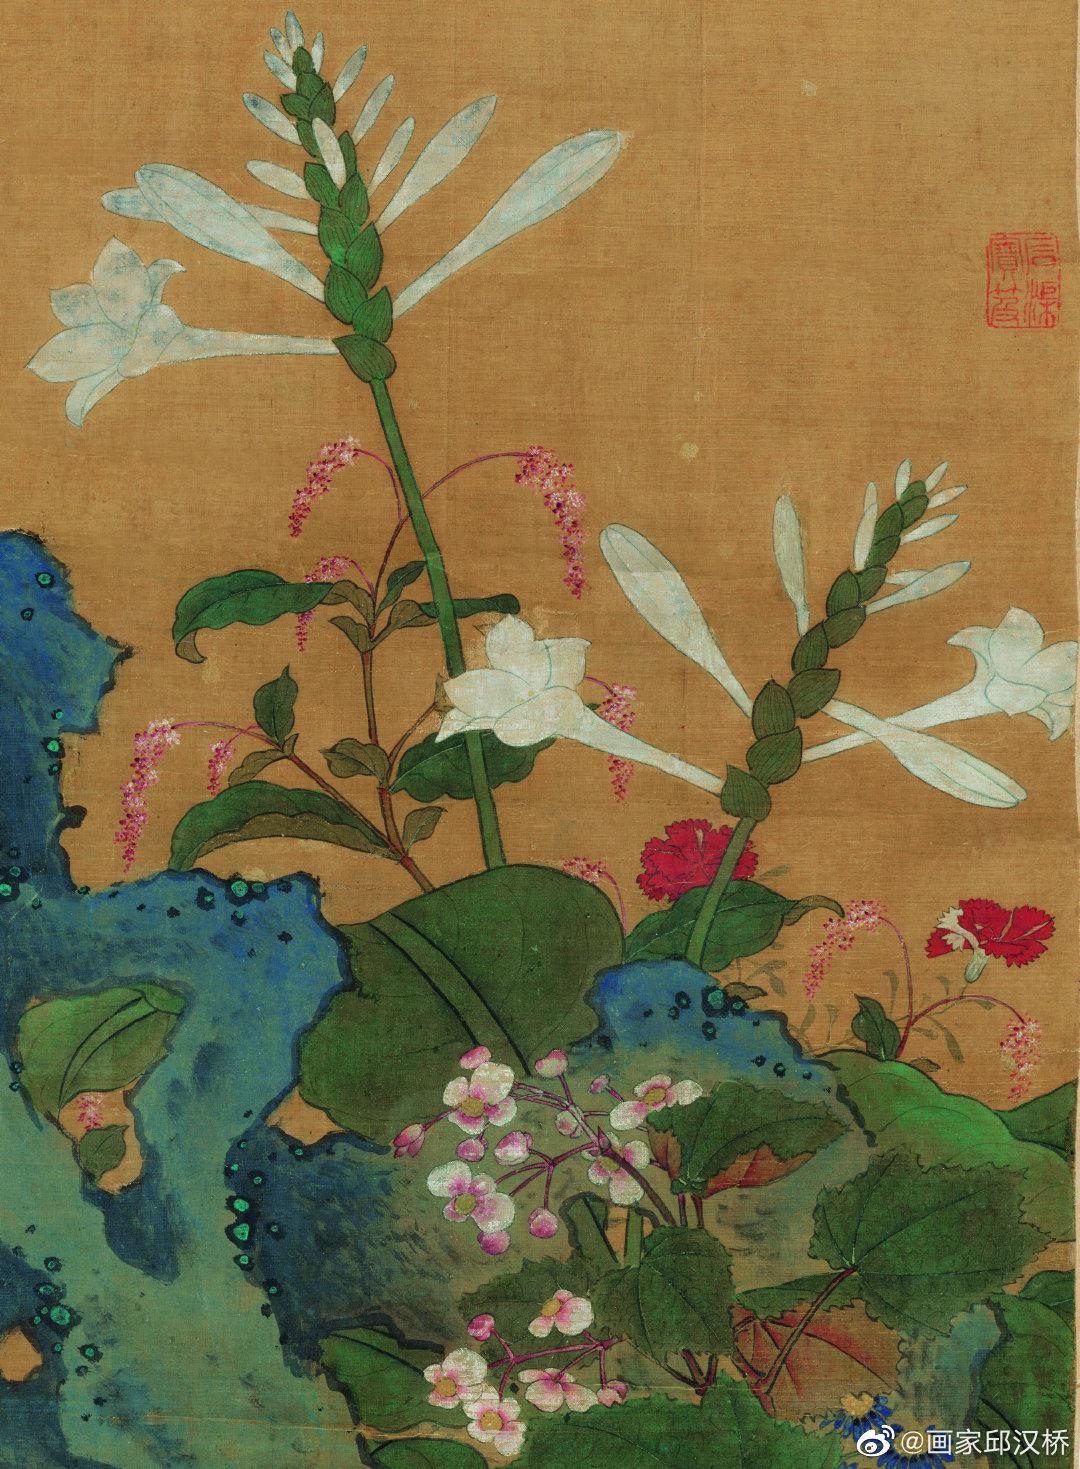 《秋花蛱蝶图》,明代,文俶,绢本设色,纵105厘米,横67厘米……